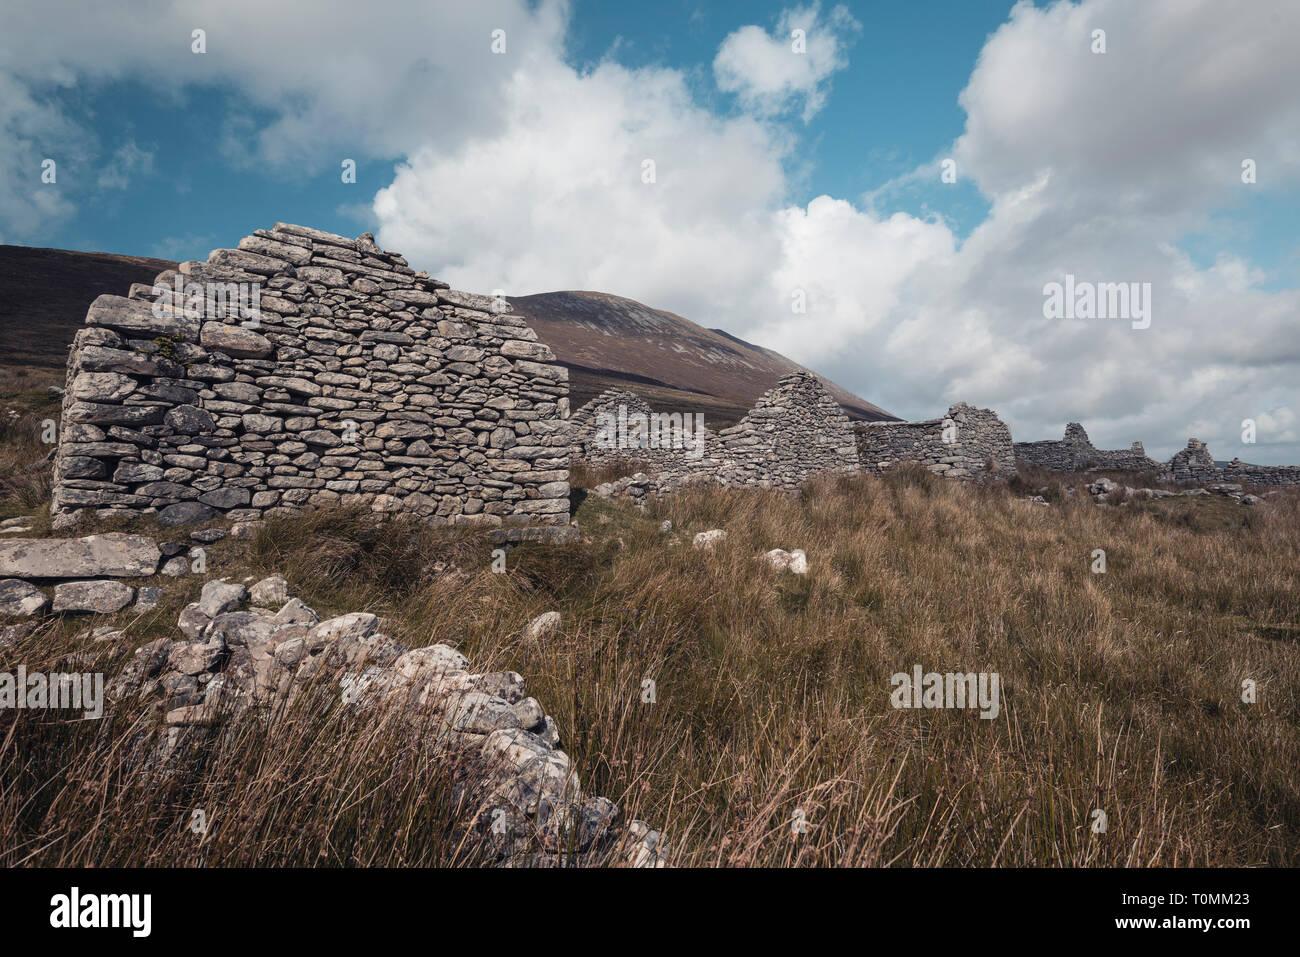 Deserted village in Western Ireland, Slievemore, Achill Island, Ireland - Stock Image